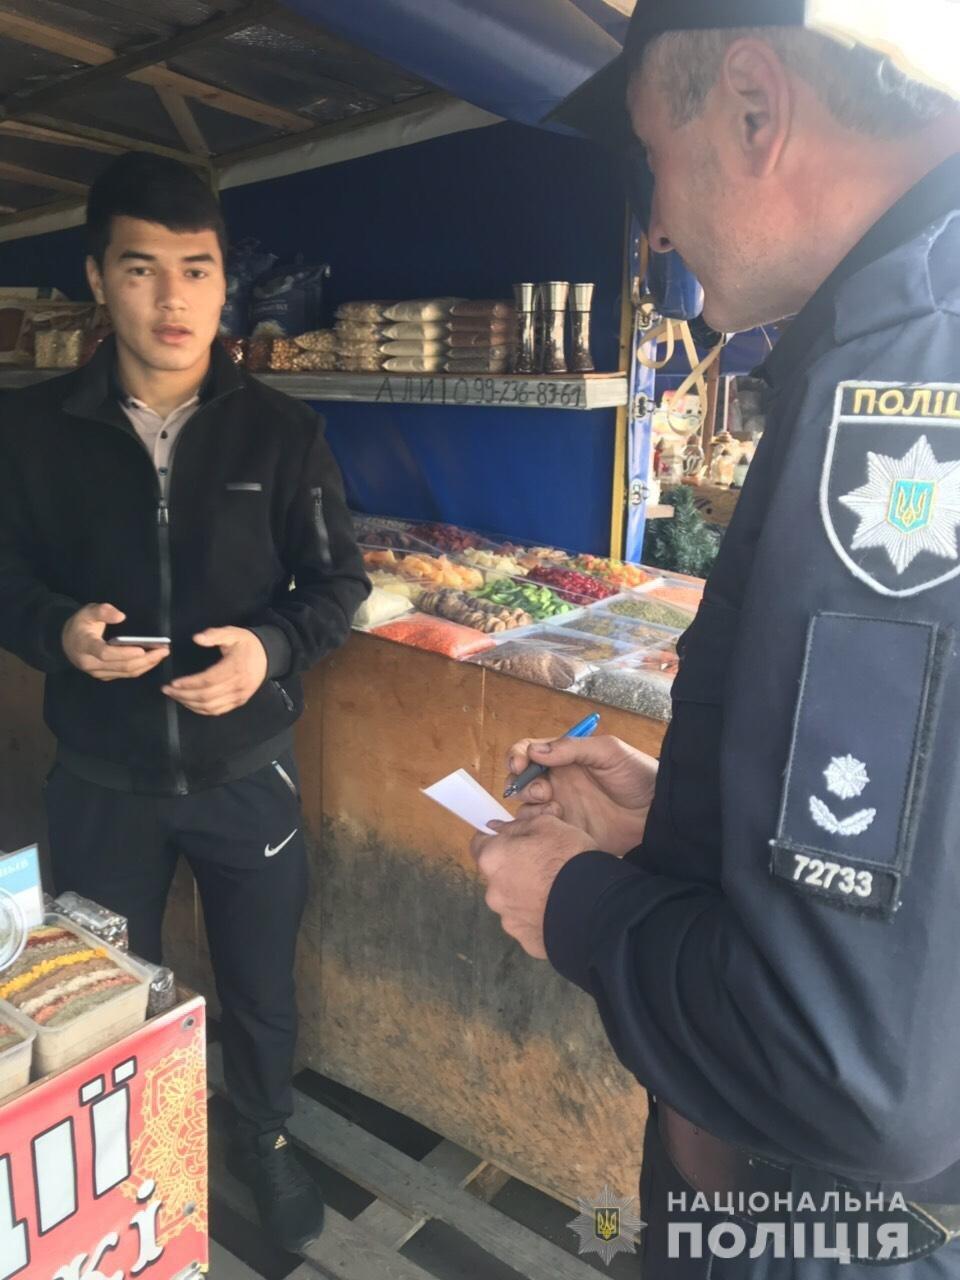 Поліція Закарпаття почала проводити рейди з відлову нелегальних мігрантів (ФОТО), фото-3